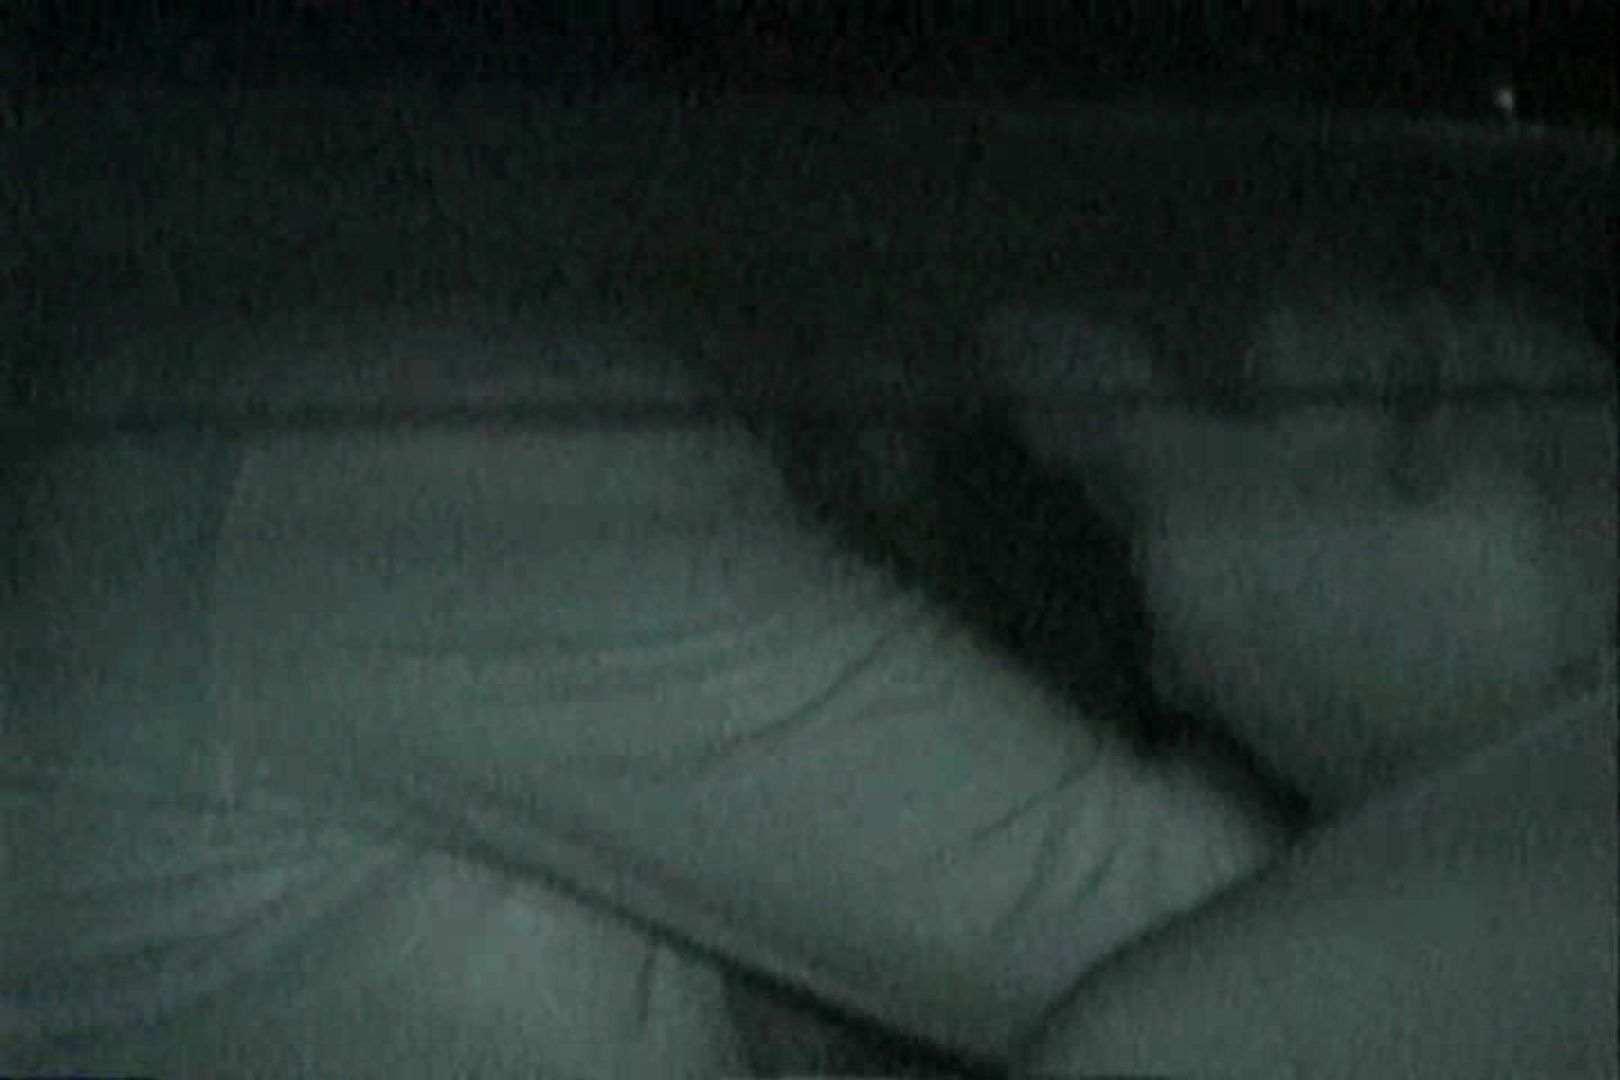 充血監督の深夜の運動会Vol.125 美しいOLの裸体 のぞき動画画像 98pic 18